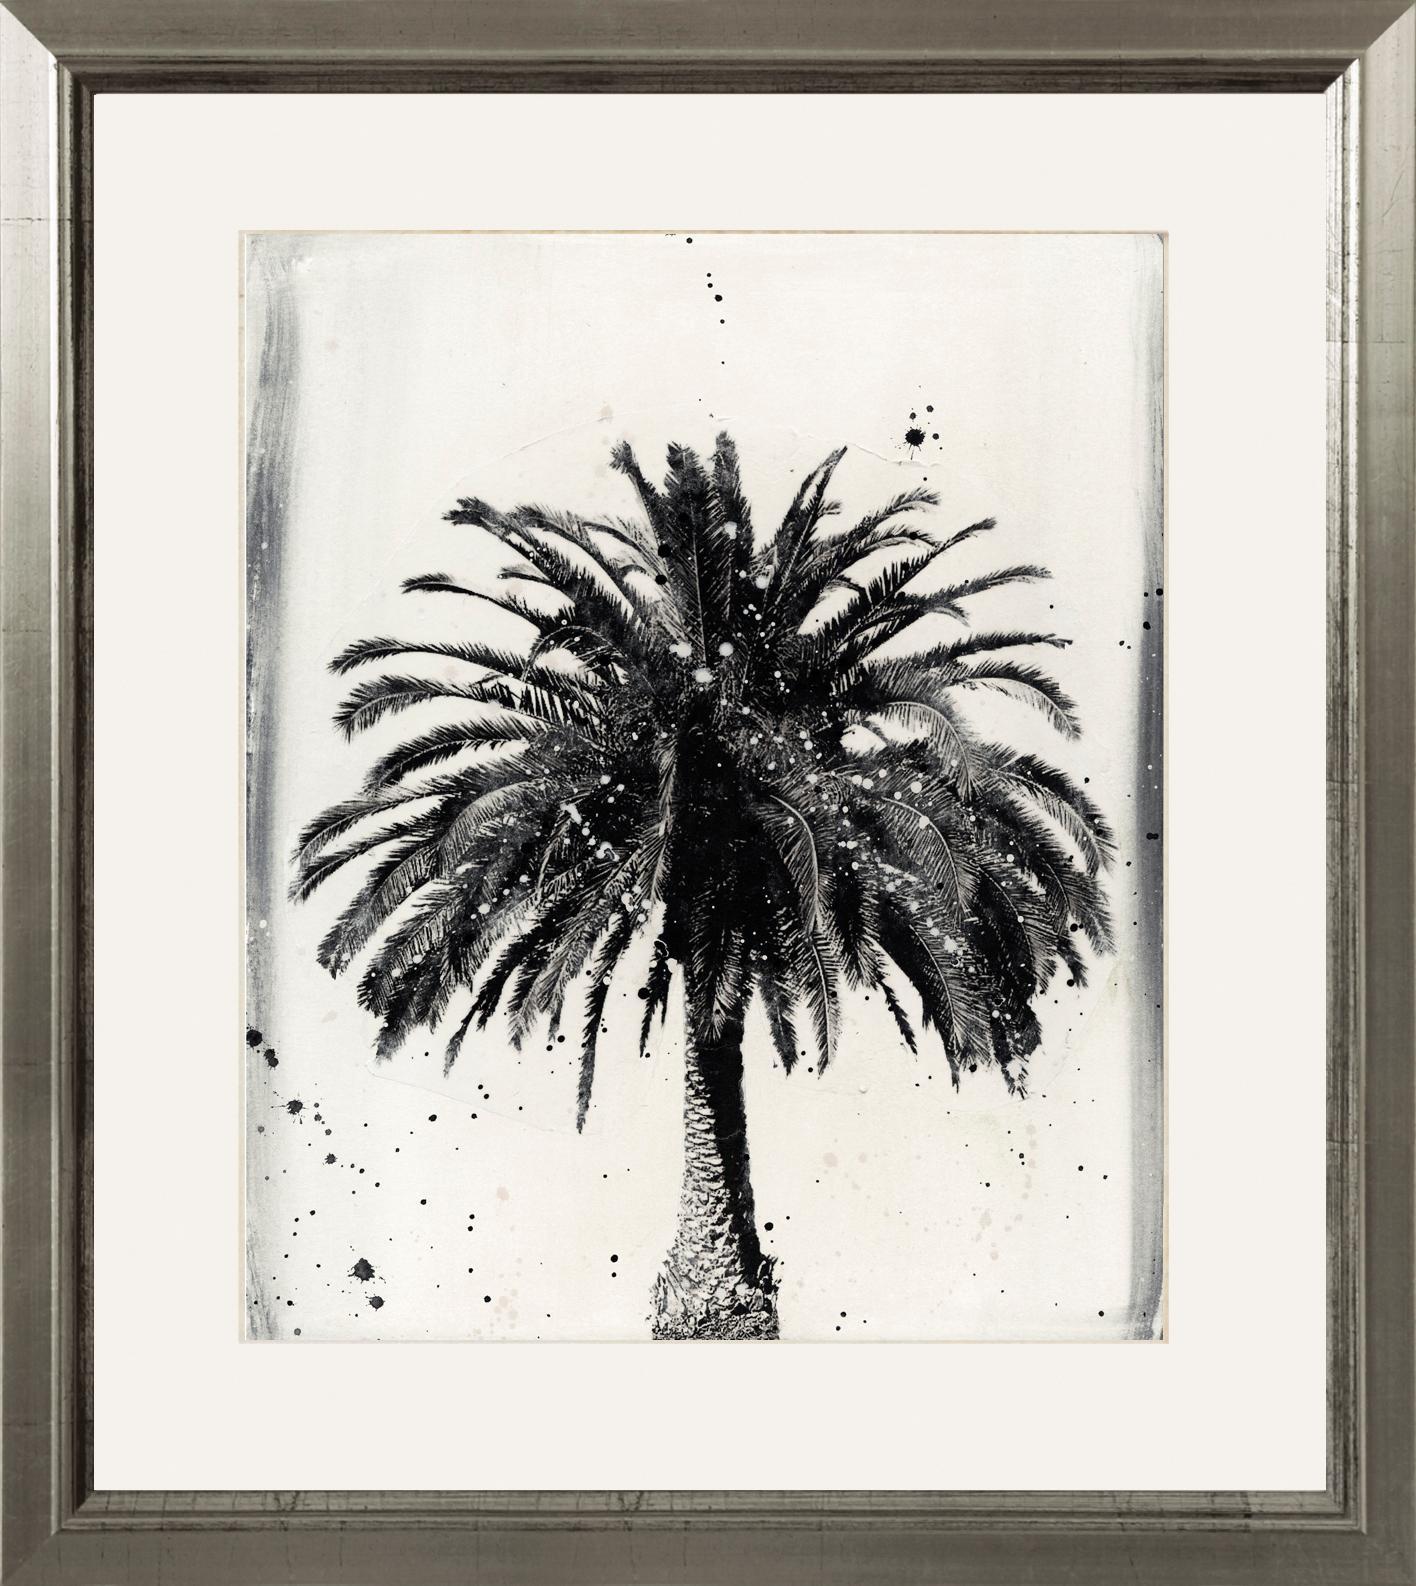 Ingelijste digitale print L.A Dream, Afbeelding: digitale print, Lijst: hout, Afbeelding: zwart, wit. Lijst: zilverkleurig, 60 x 70 cm